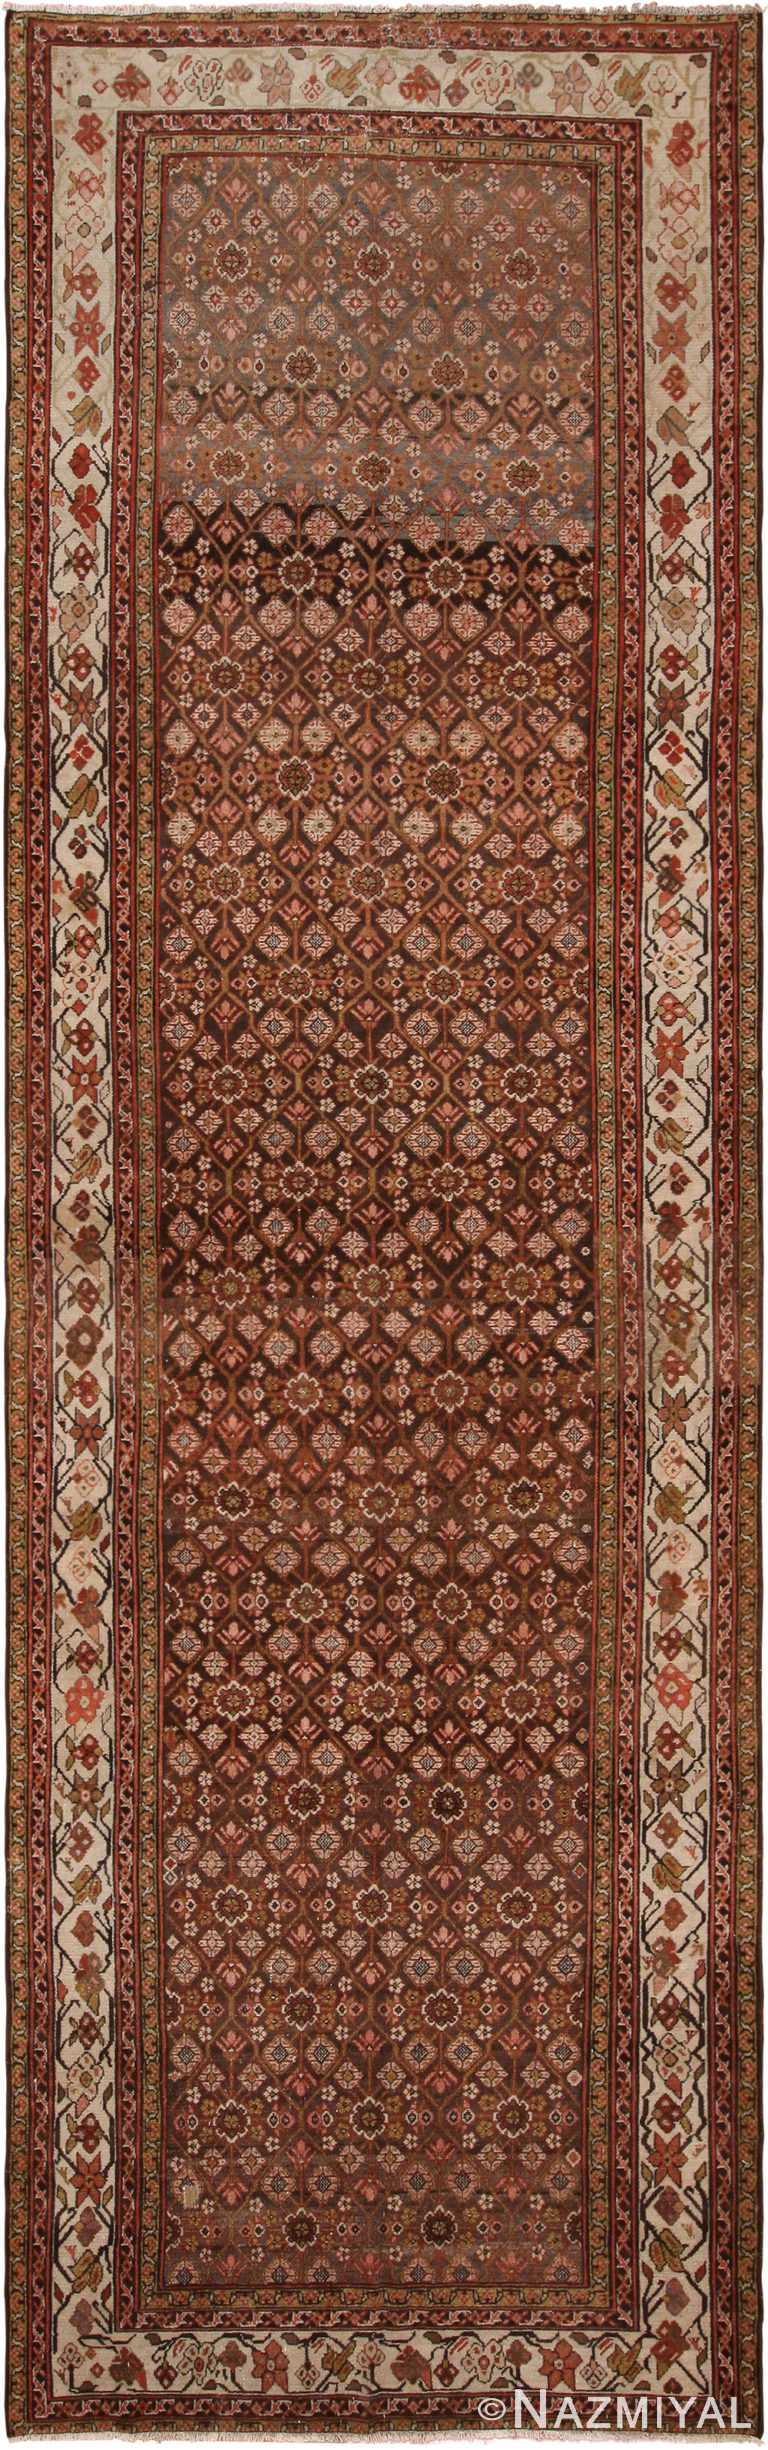 Antique Persian Malayer Runner Rug 70414 by Nazmiyal NYC